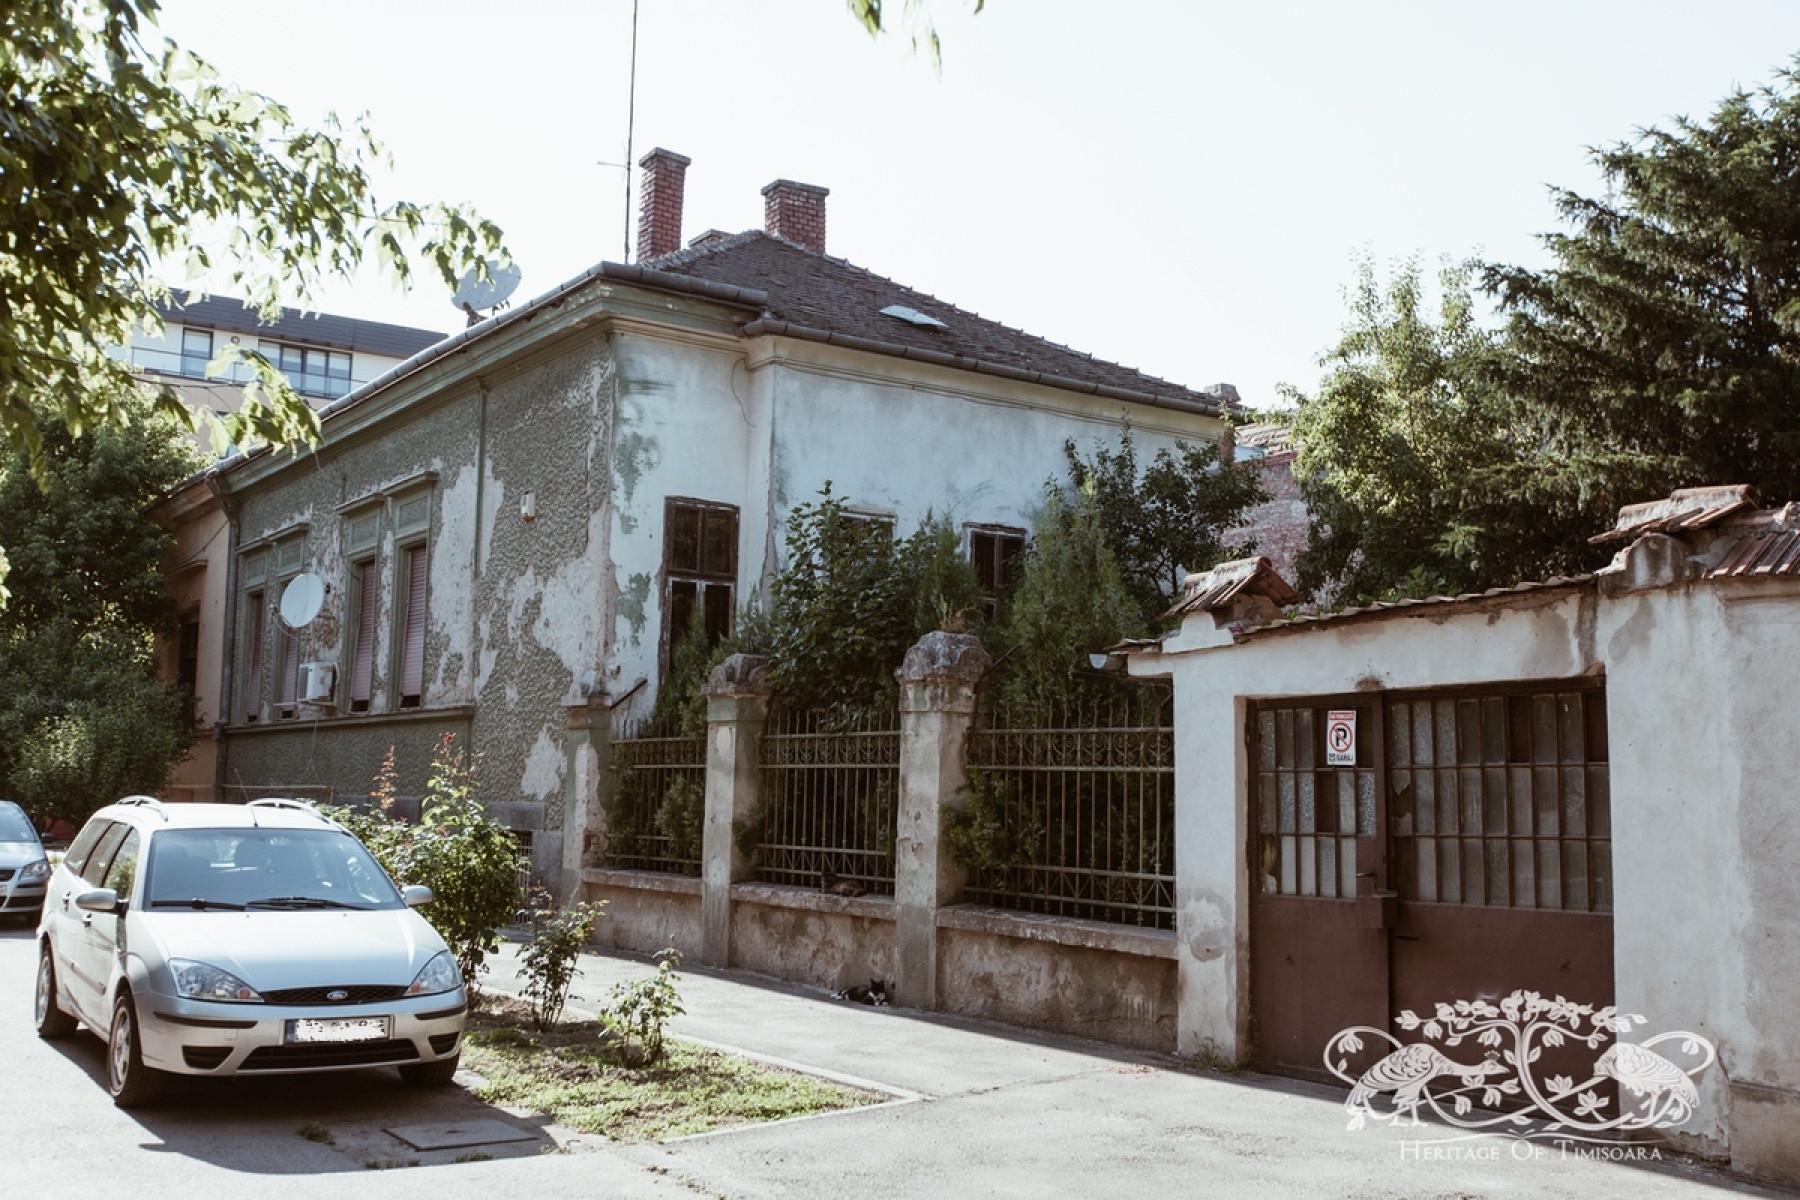 Casa Károly Mühlbach